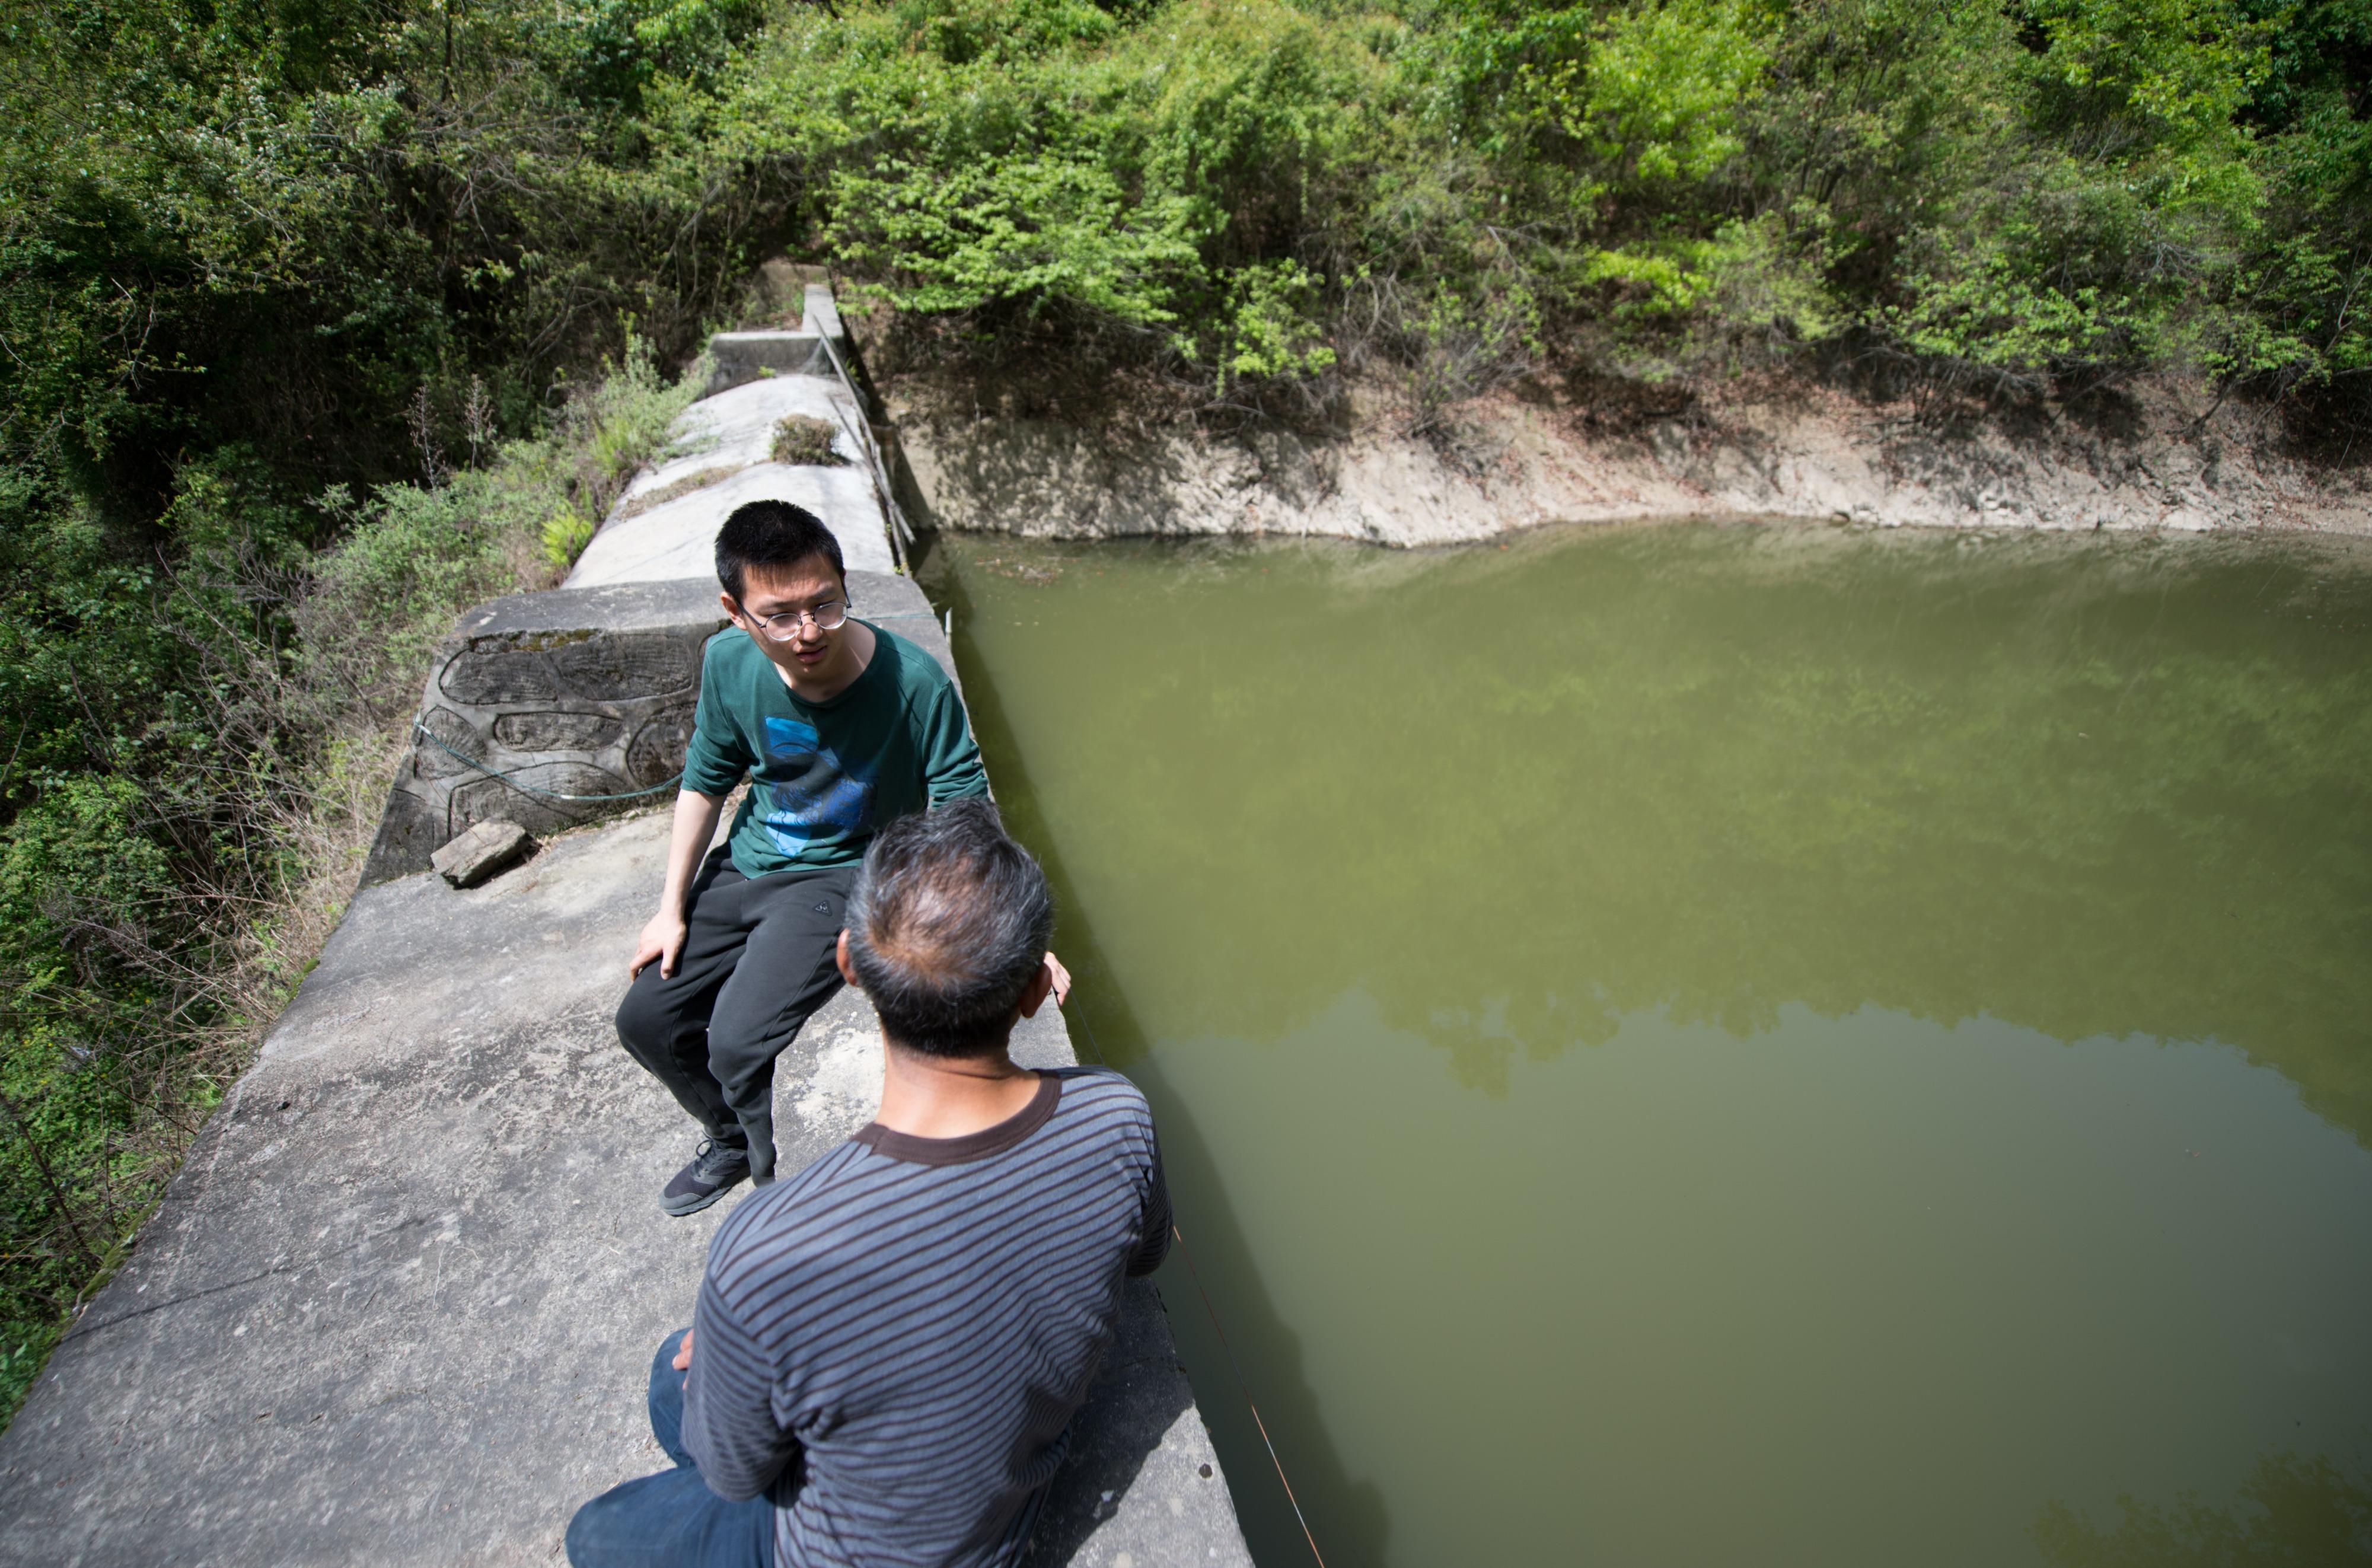 4月16日,在陕西省汉中市西乡县子午镇七星坝村,武轩羽(上)在村民王忠兵承包的鱼塘边与他交谈。